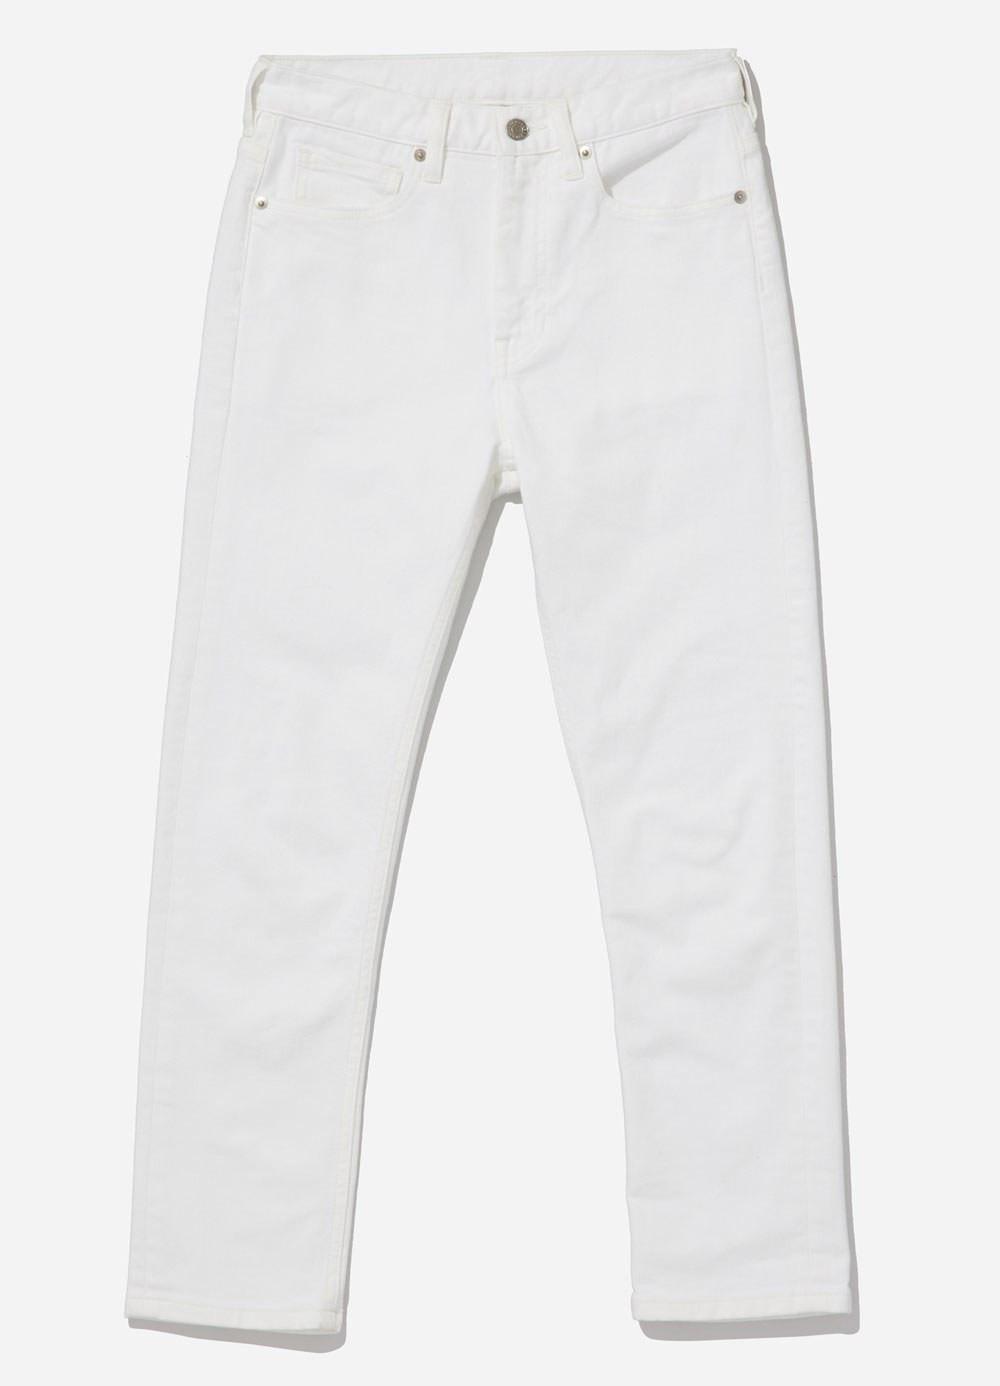 EVERLANE Boyfriend Jeans